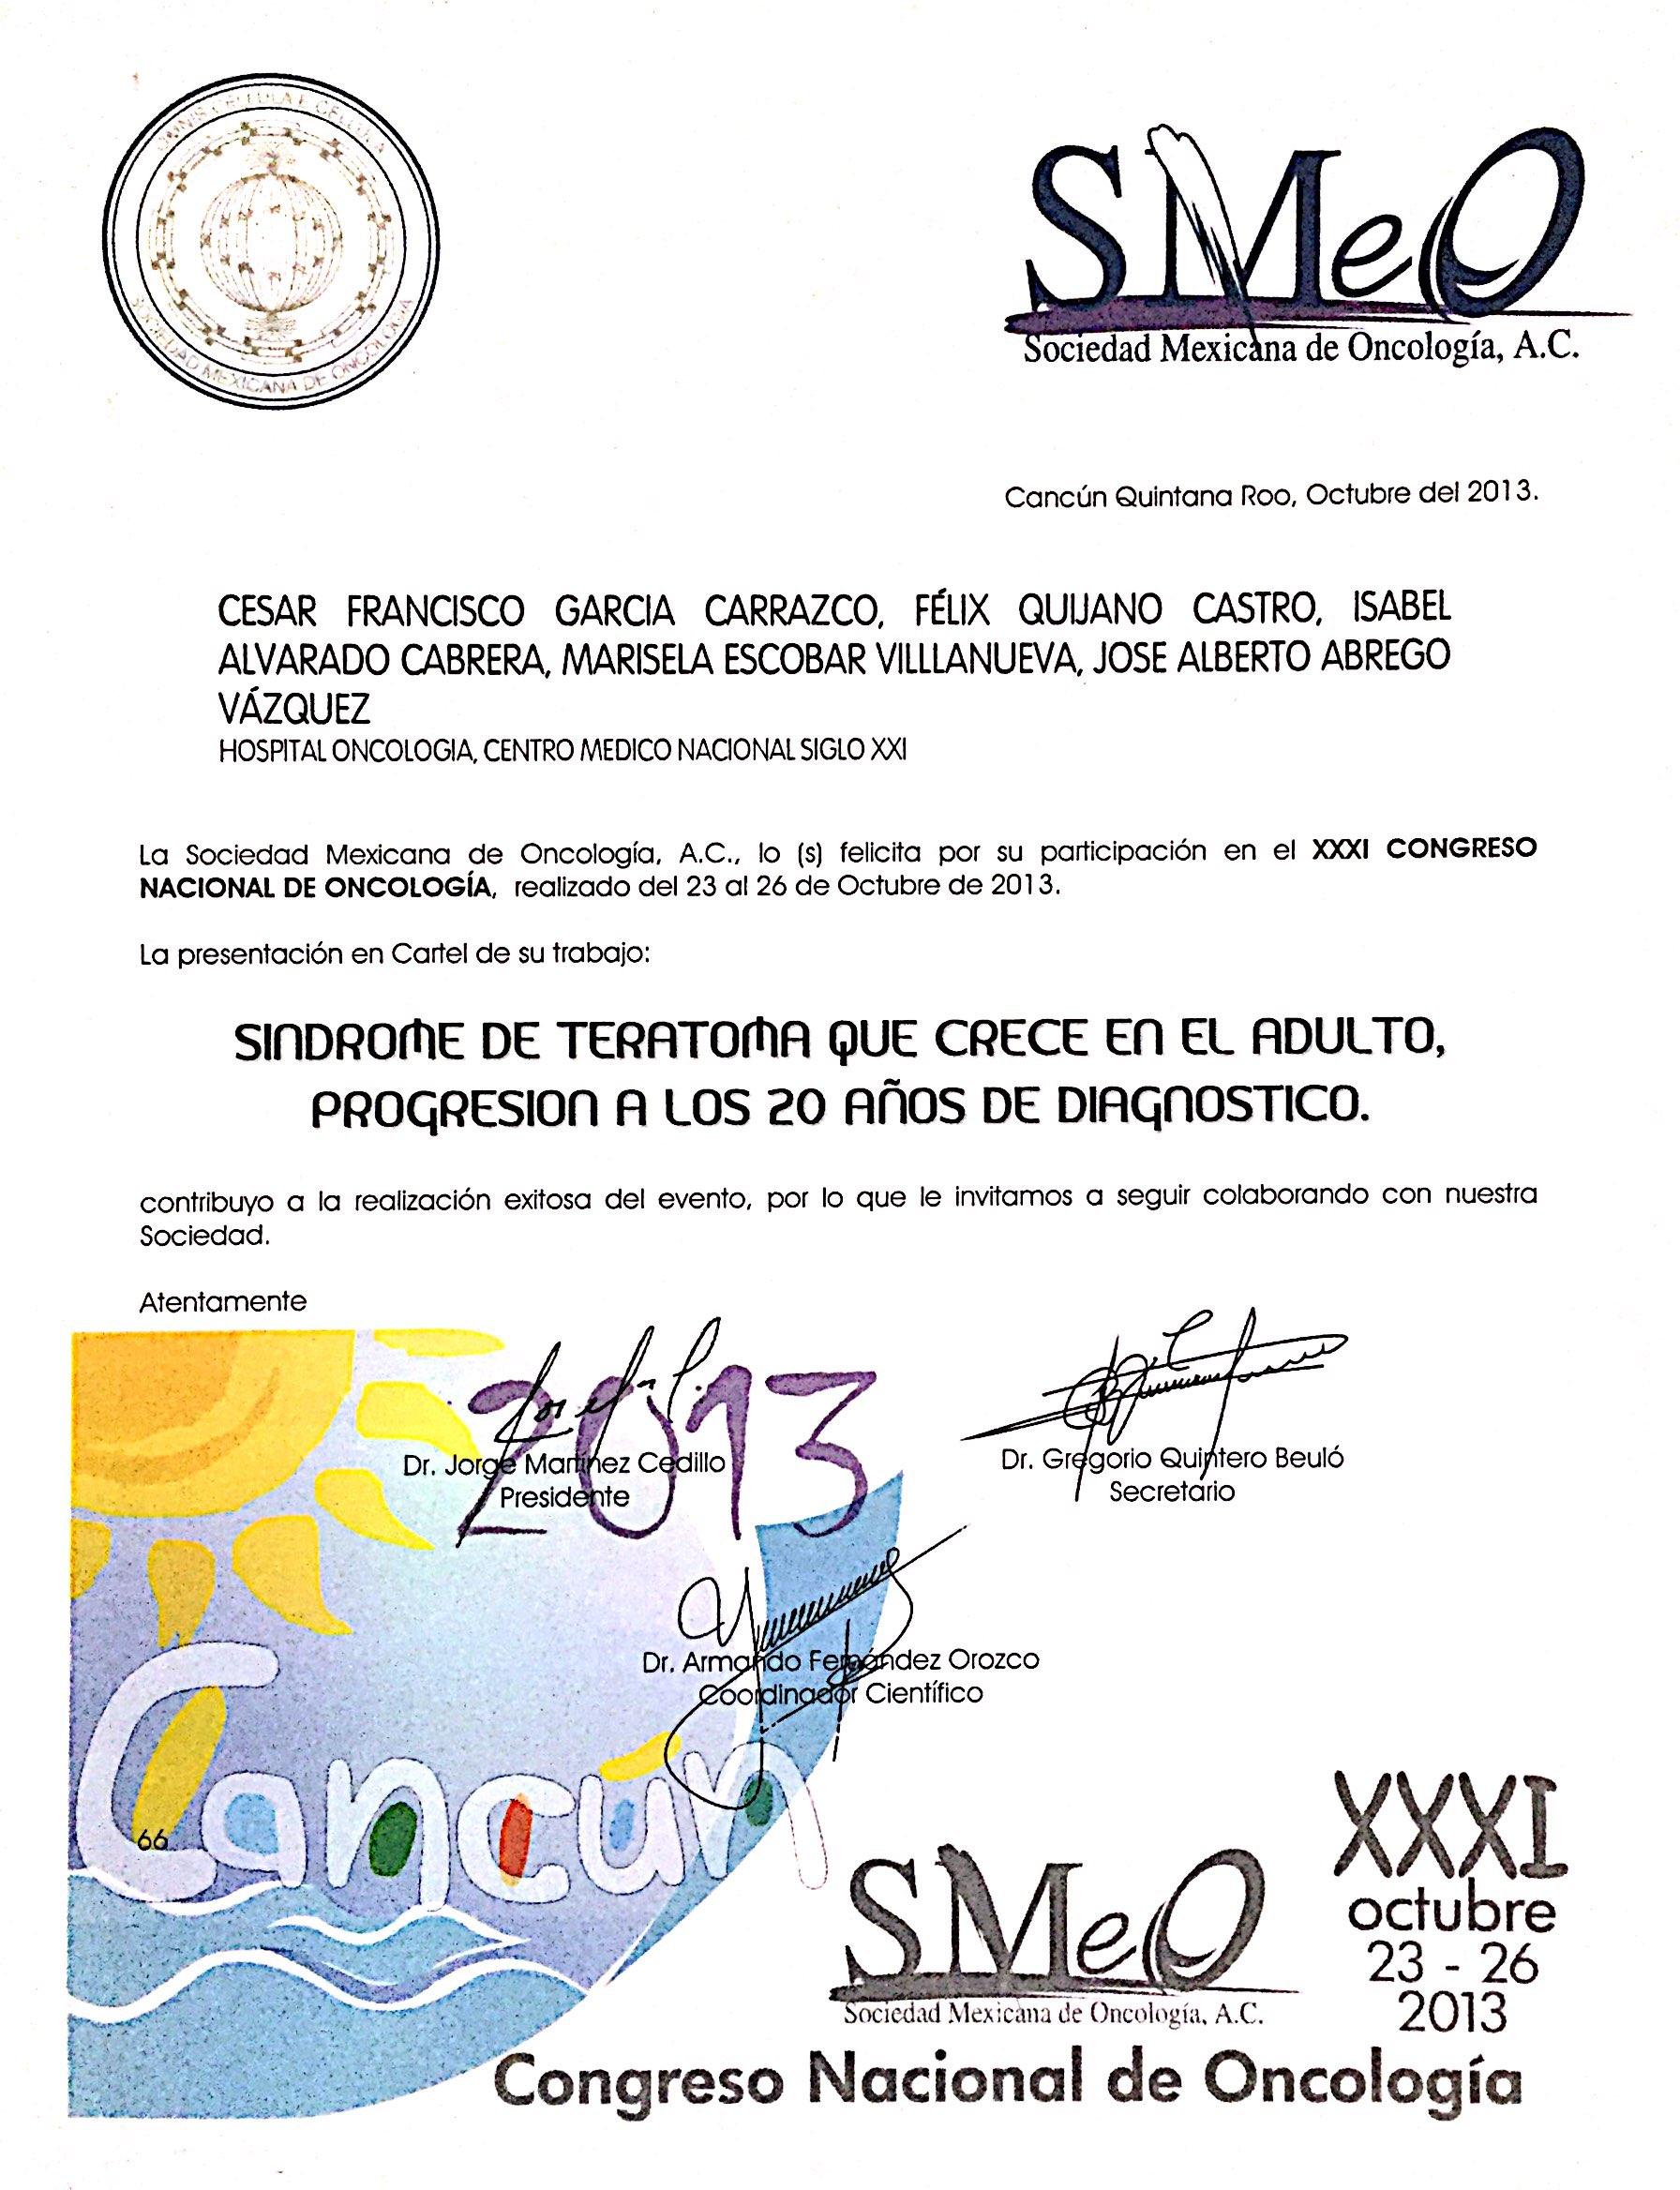 Dr. Garcia Carrazco_63